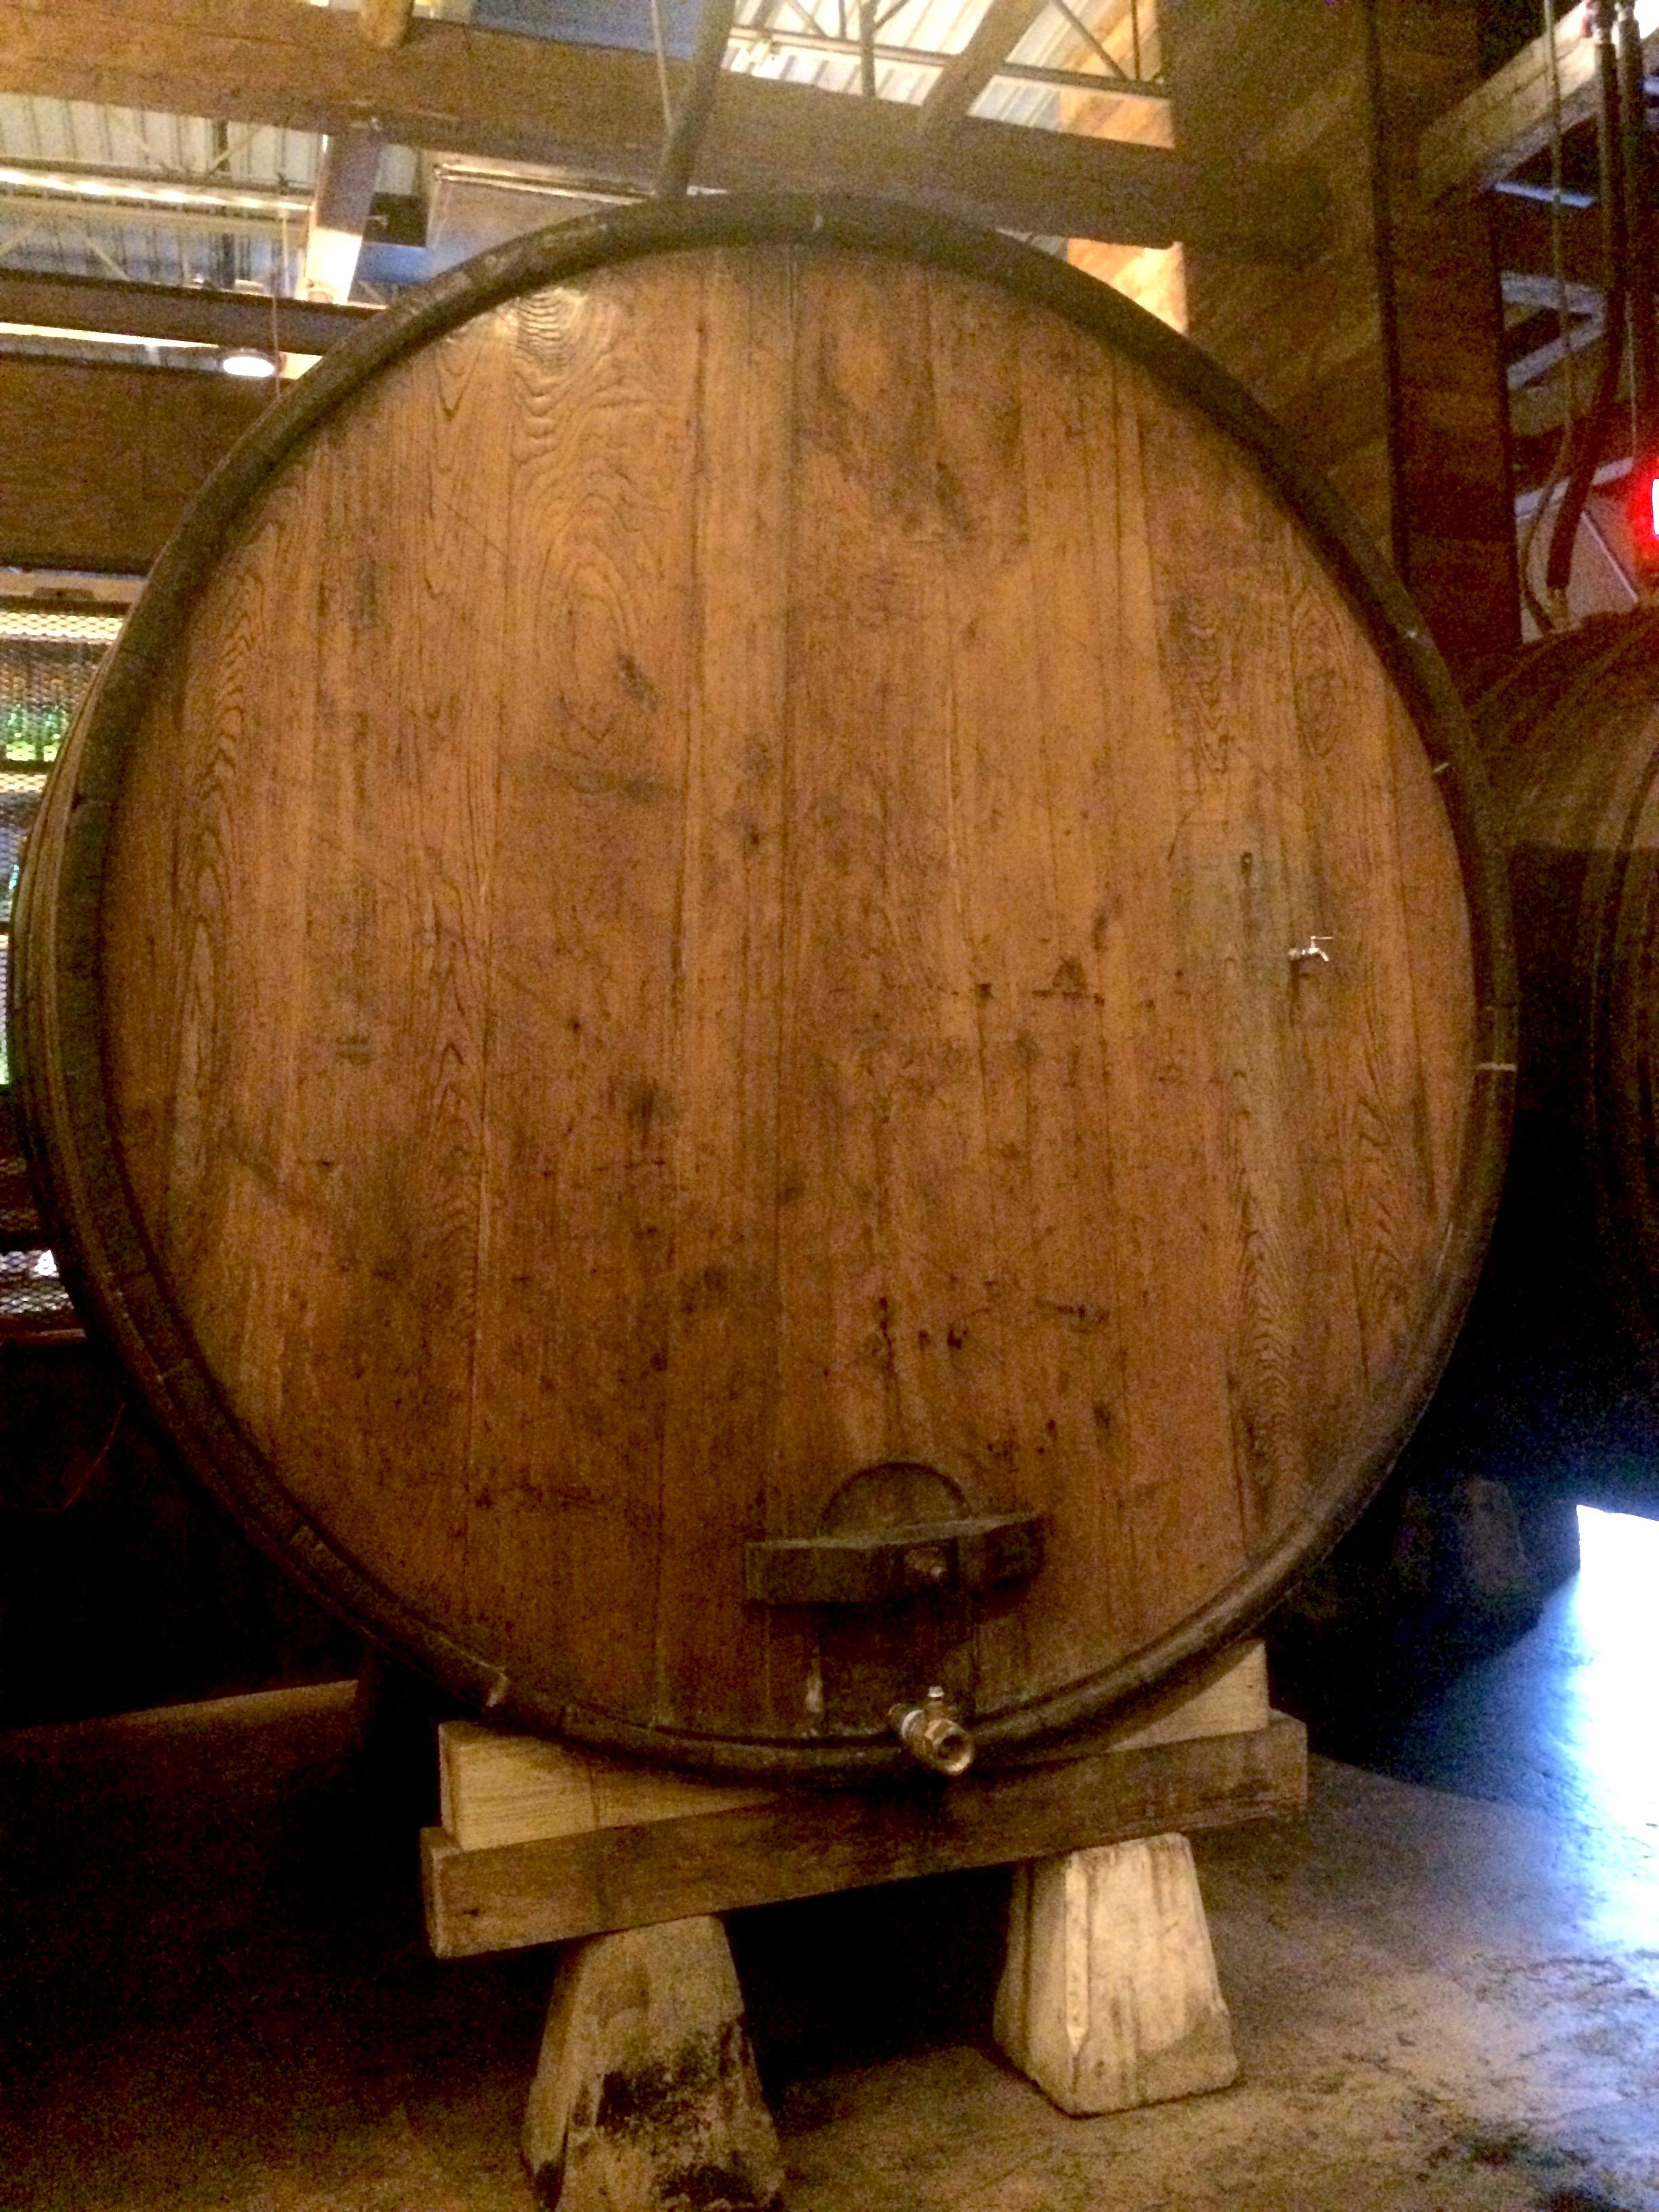 8-foot barrel of cider. Delicious.